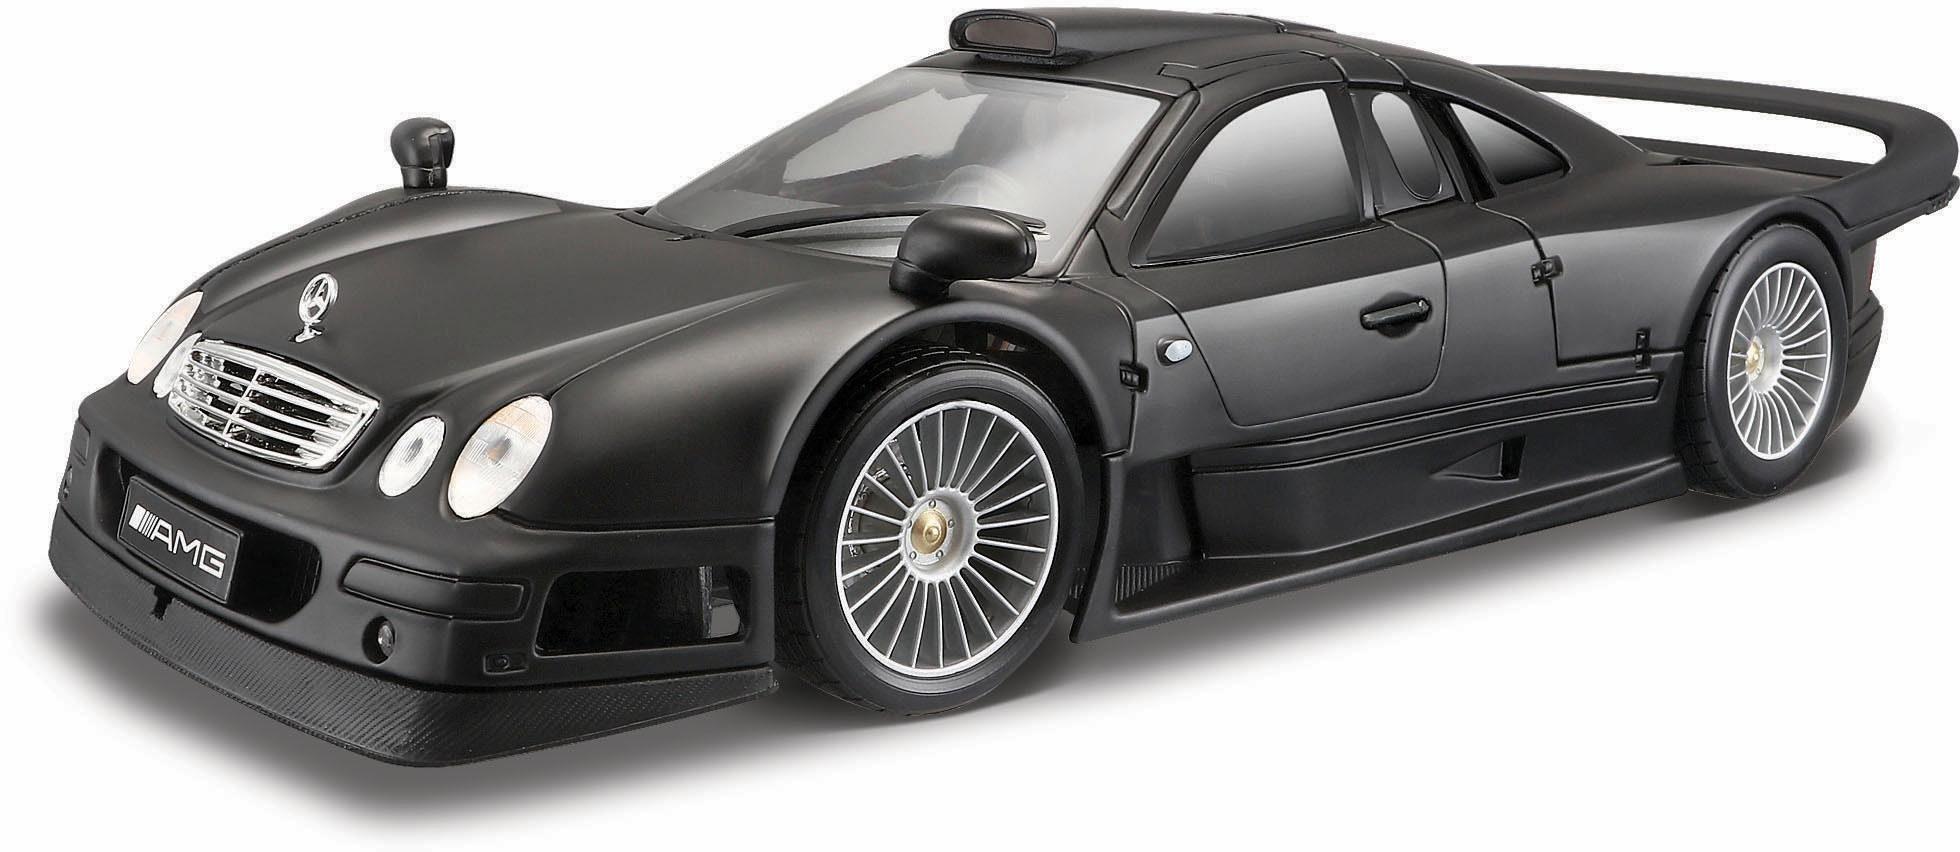 Maisto® Sammlerauto, »Mercedes CLK-GTR Street Version, 1:18, schwarz«